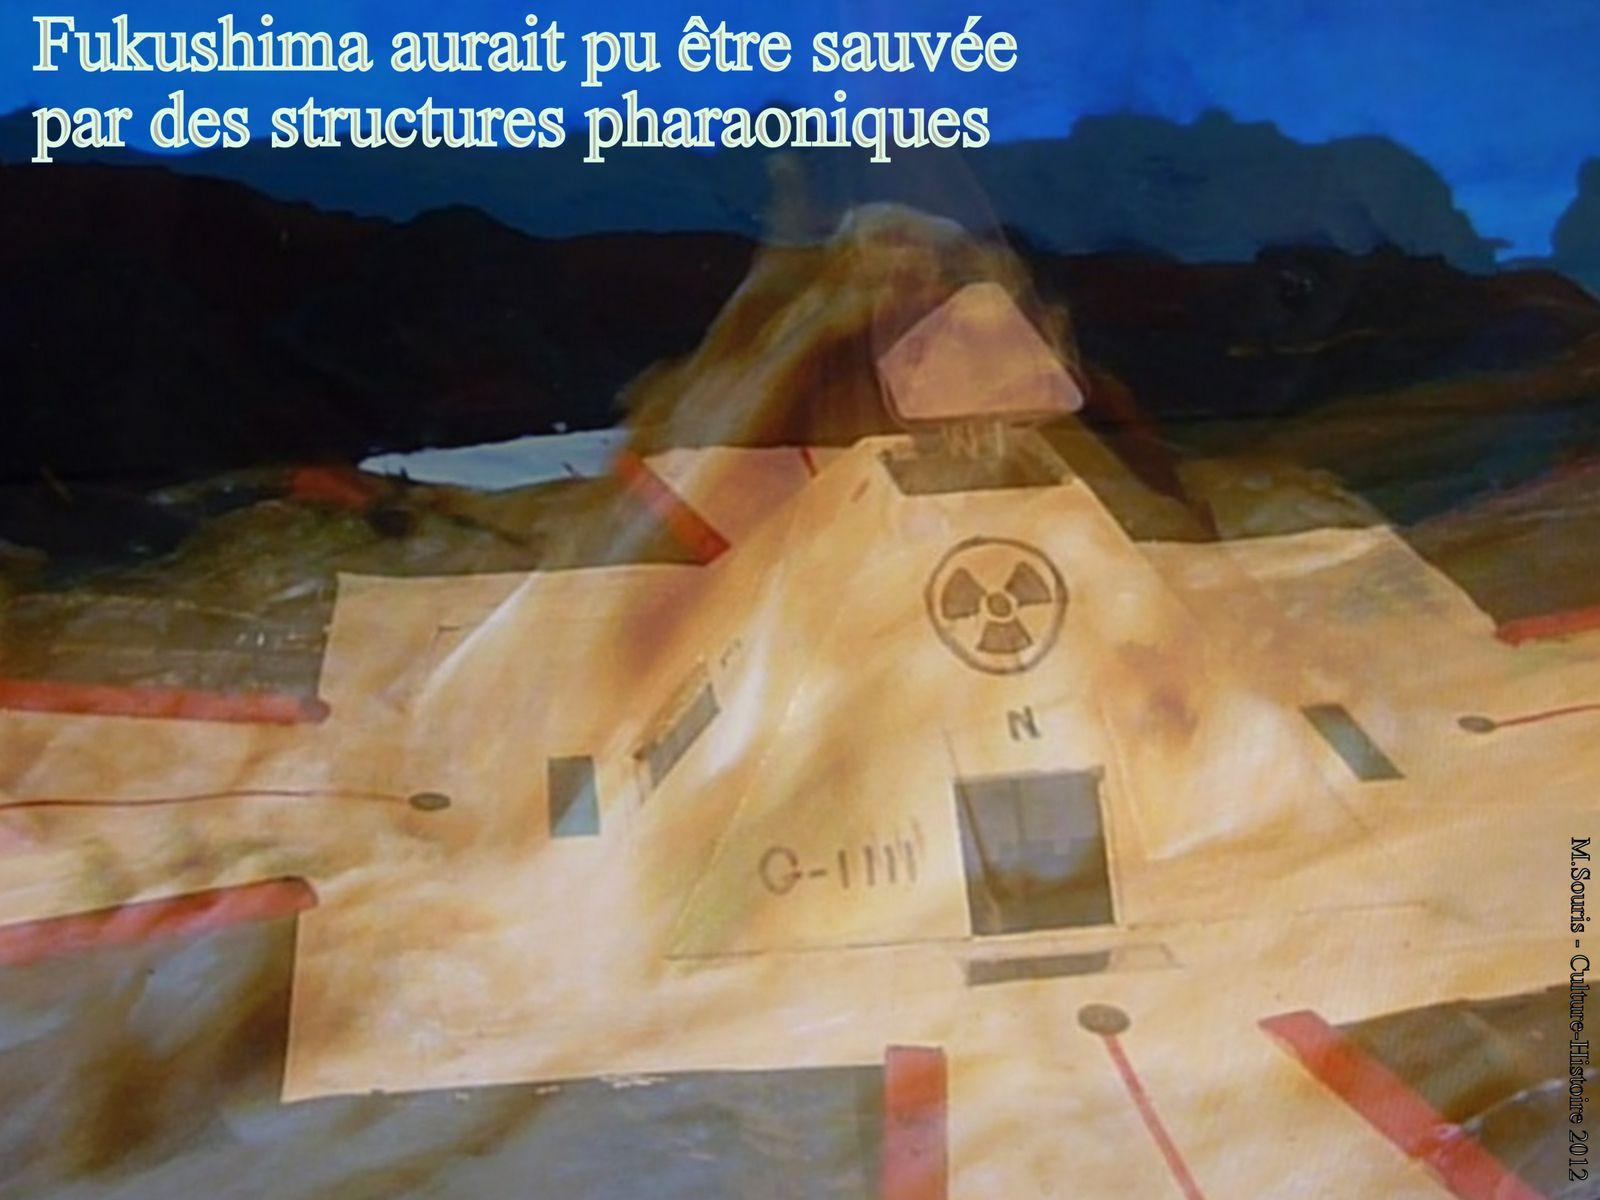 De Fukushima aux petites choses de la vie. Tout un monde. Pour Fukushima.. taper en moteur de recherche... Fukushima pyramide  ( Youtube) Vous ne regretterez pas ce voyage fiction au Japon. Pour les poules vous pourrez rester en Saintonge...